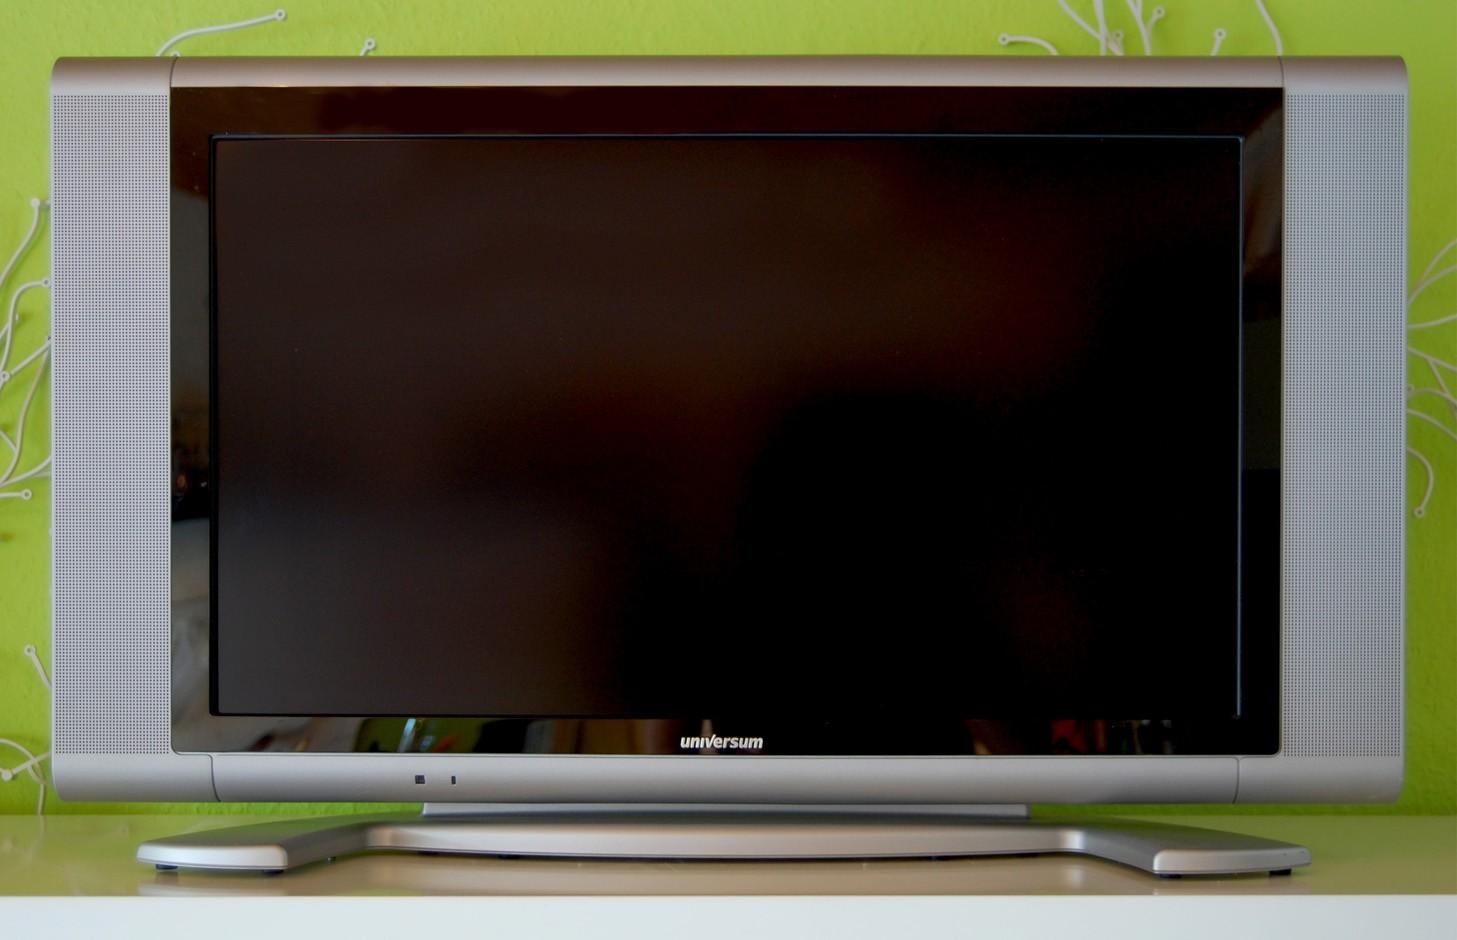 test fernseher universum ft lcd 8146 gut. Black Bedroom Furniture Sets. Home Design Ideas